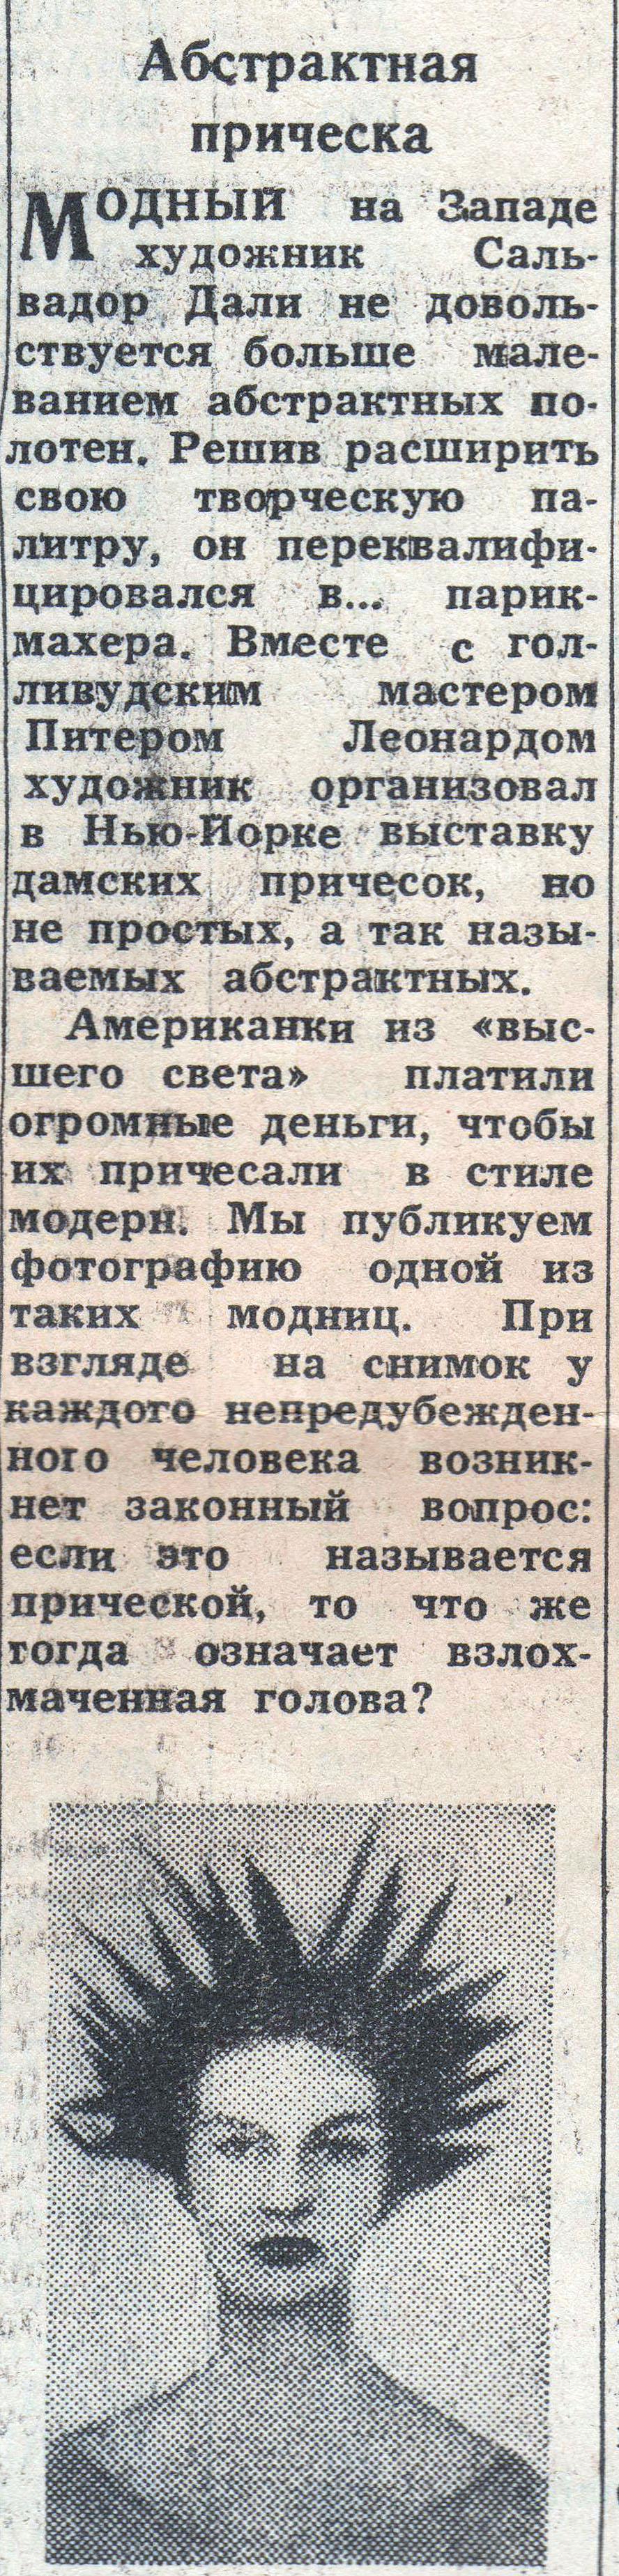 itwaslong.com_vmoskva59_zarub_kartinki7.jpg